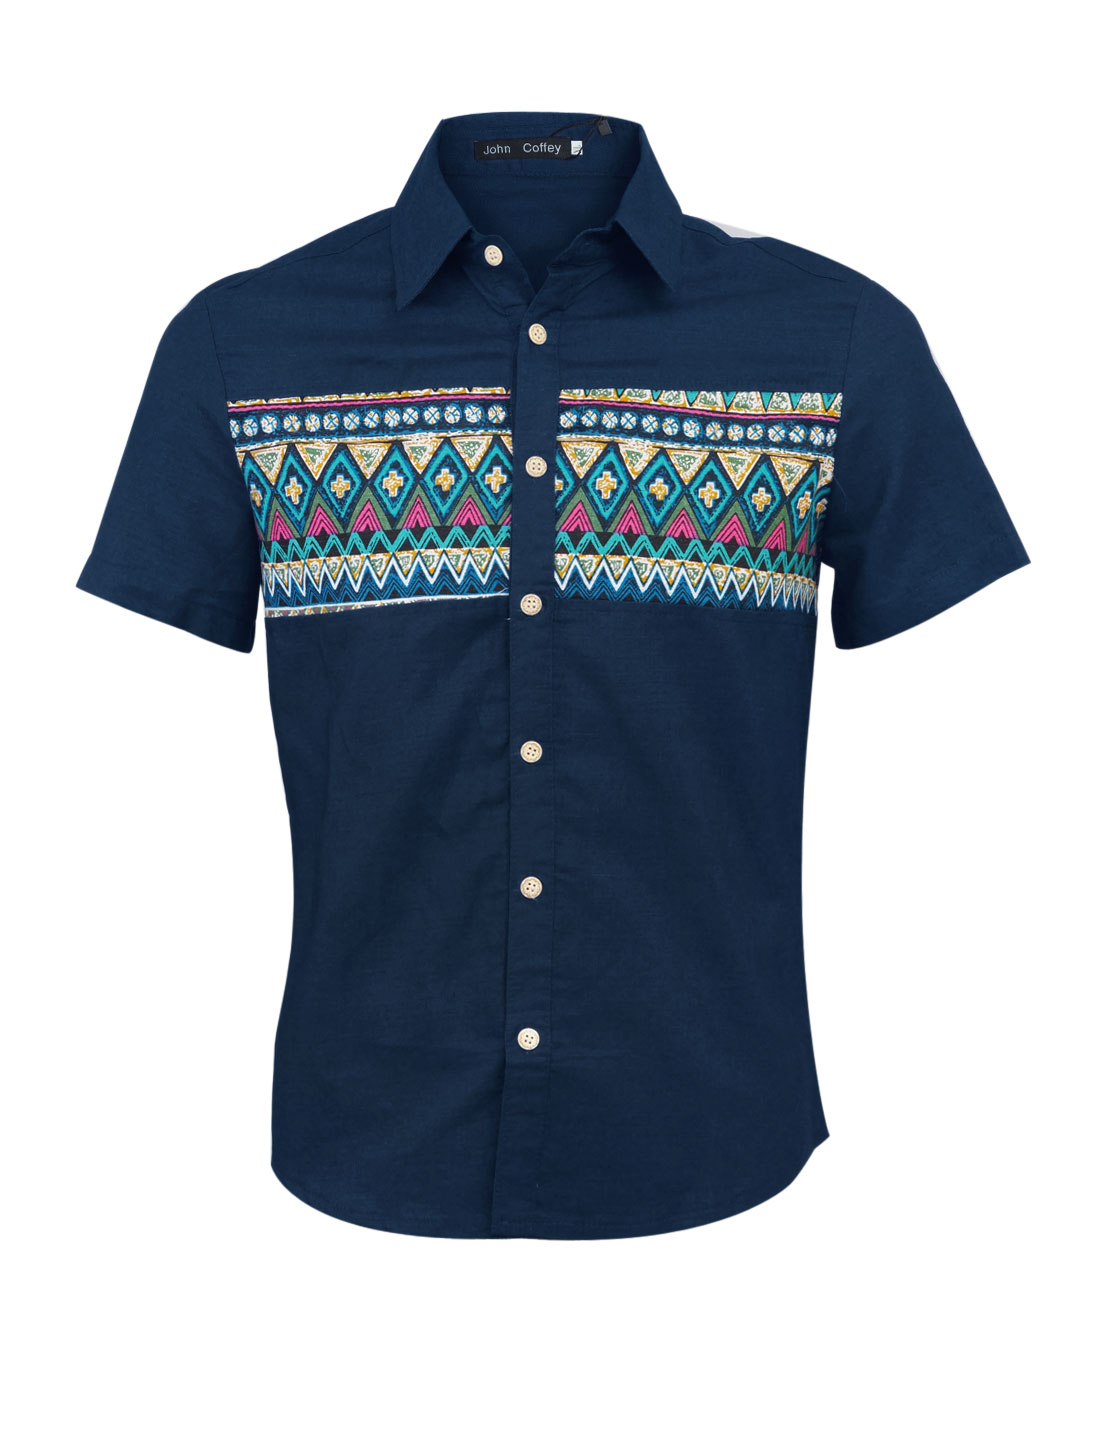 Men Fashion Point Collar Zigzag Argyle Pattern Linen Top Shirt Navy Blue M